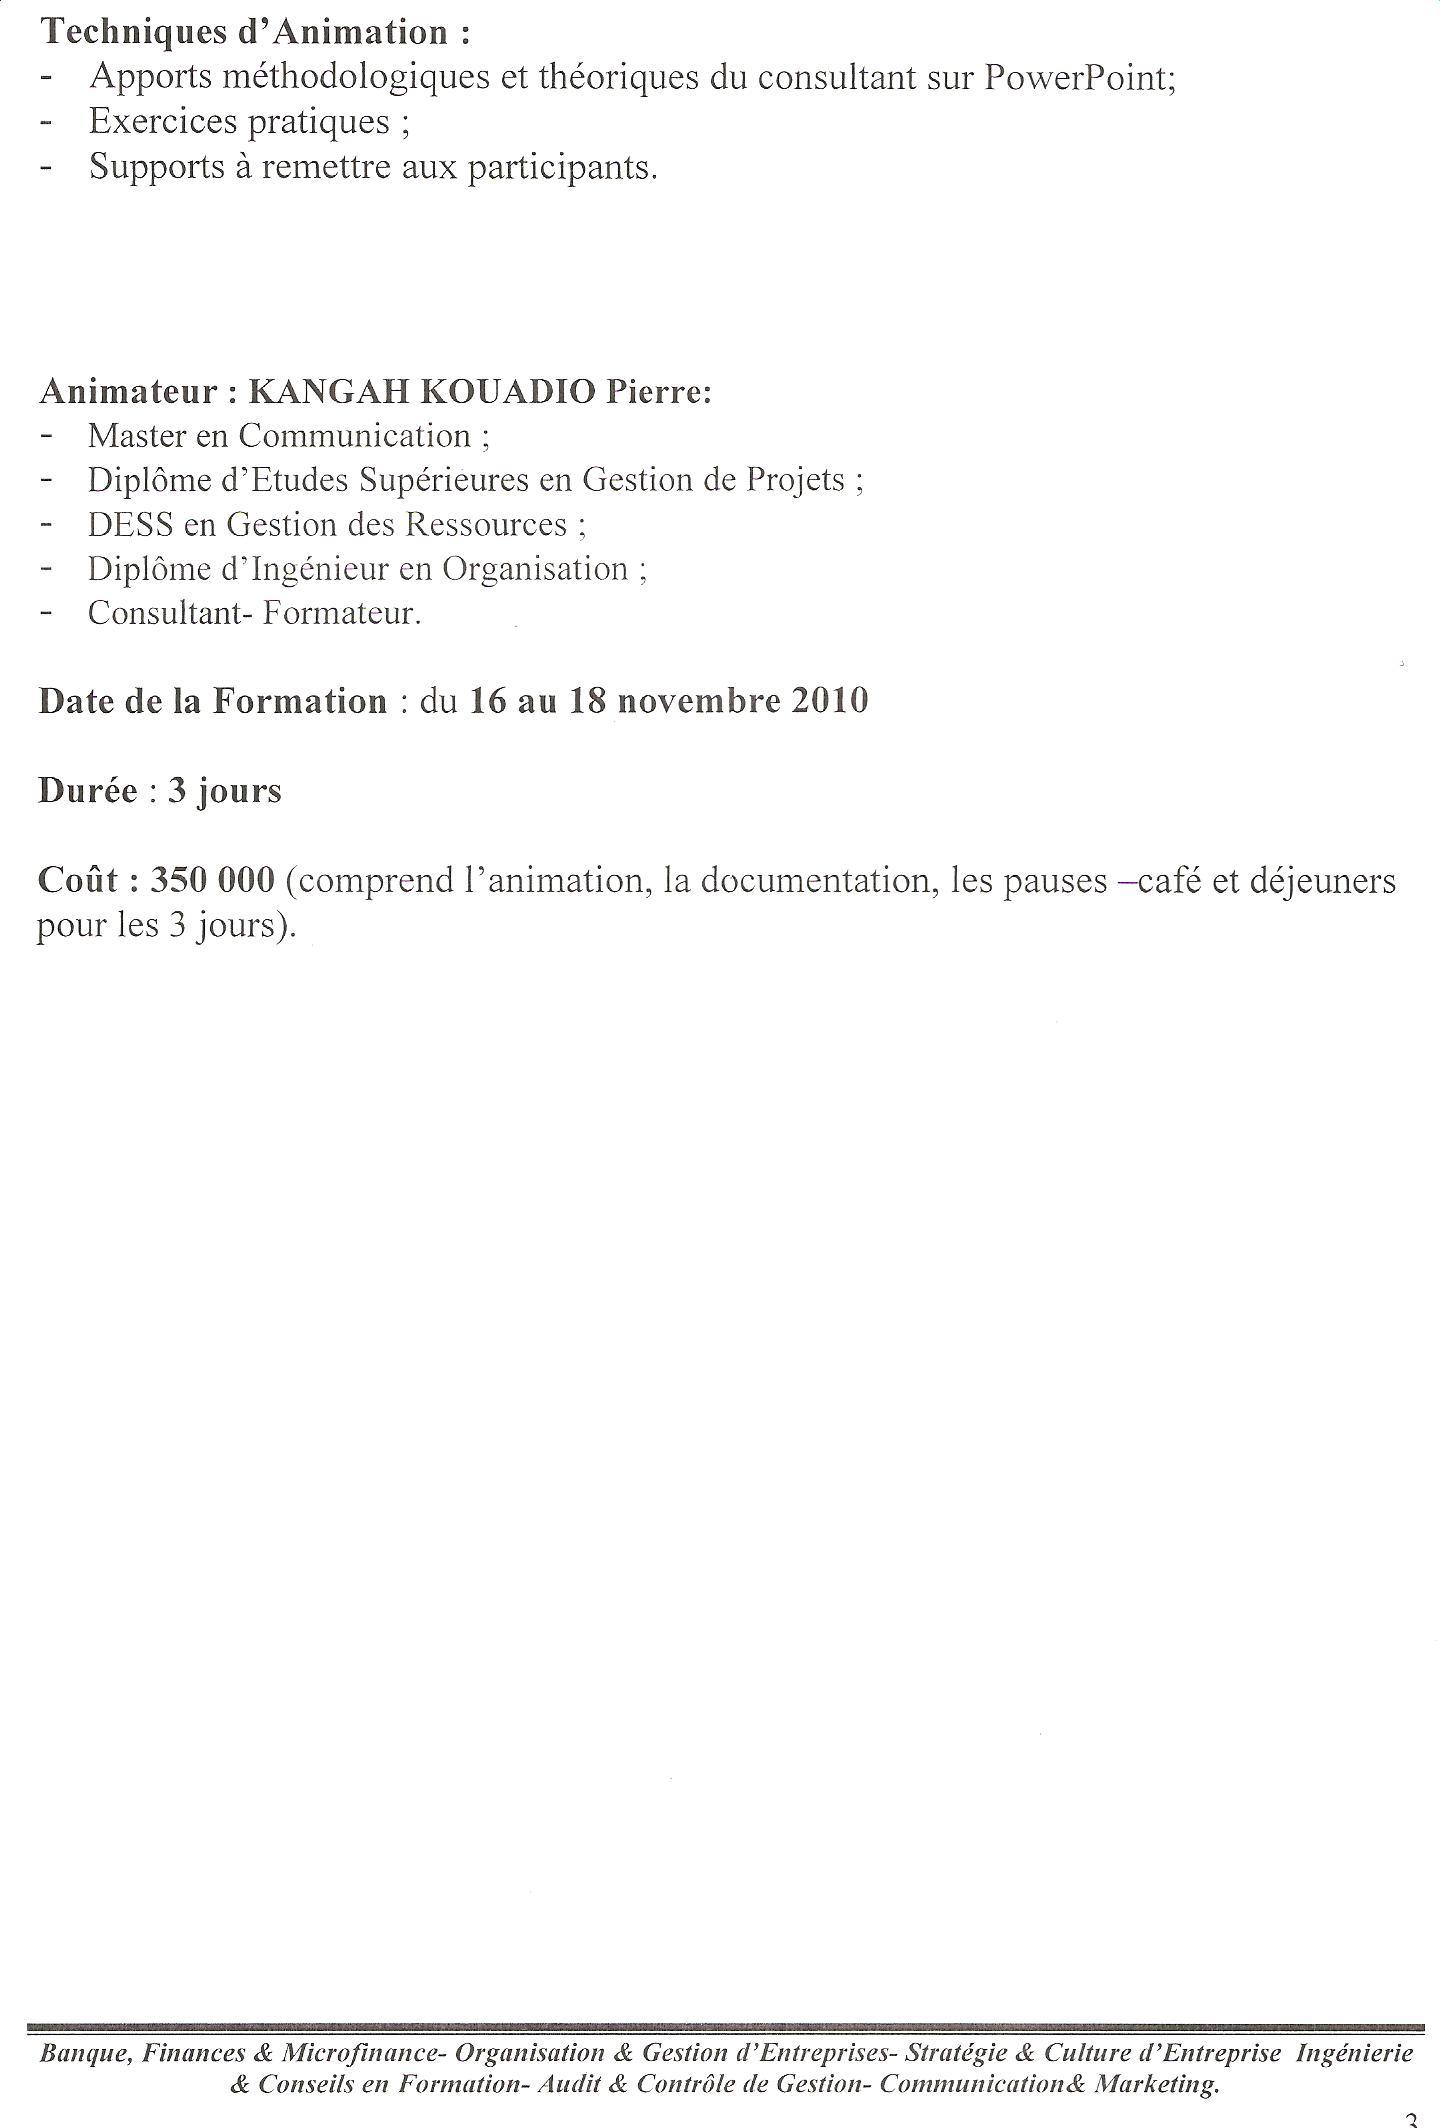 Statuts Et Reglement Interieur De L Association